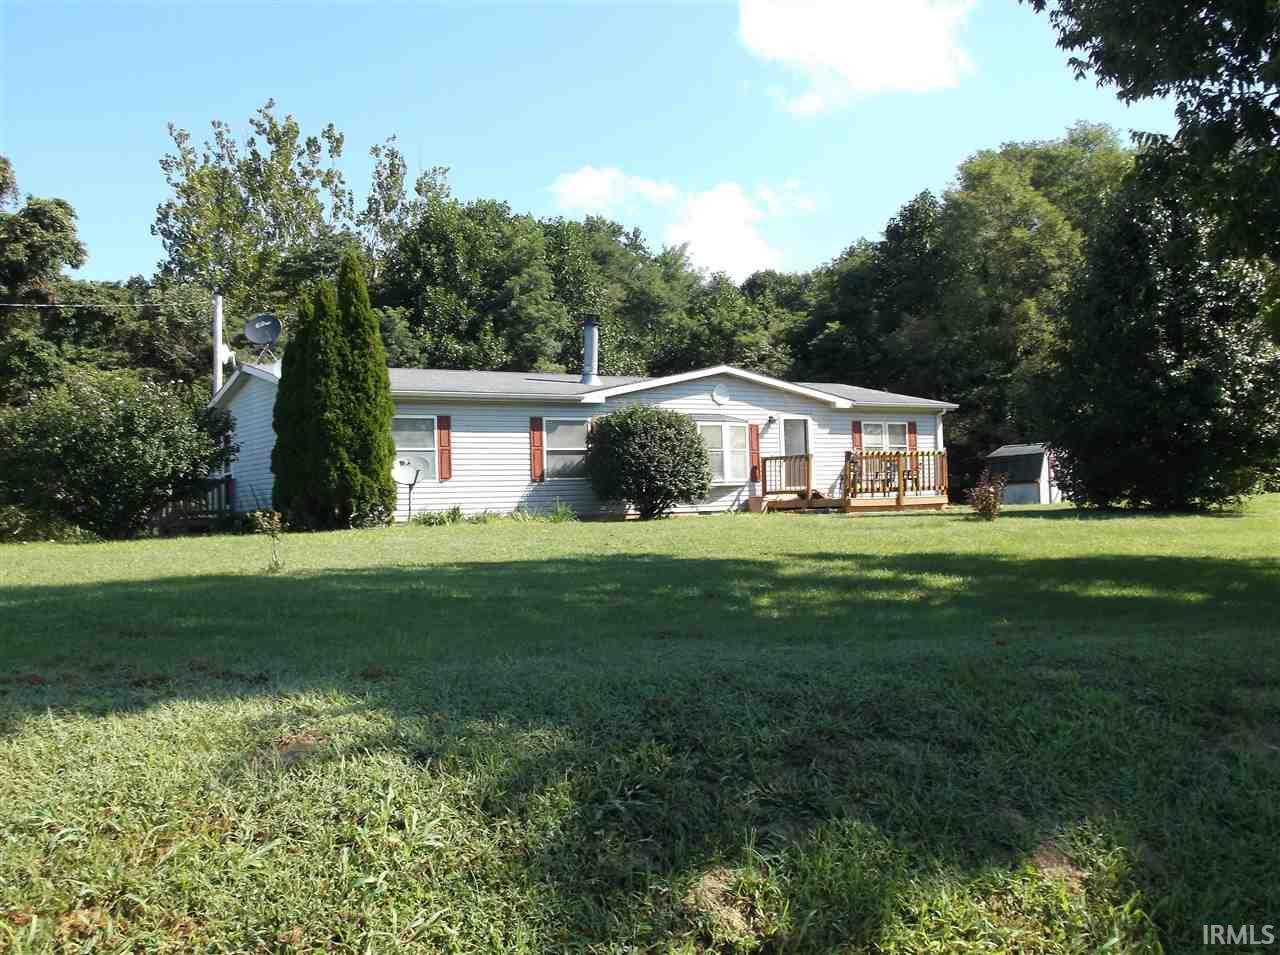 1793 N Cold Springs Road, Bloomfield, IN 47424